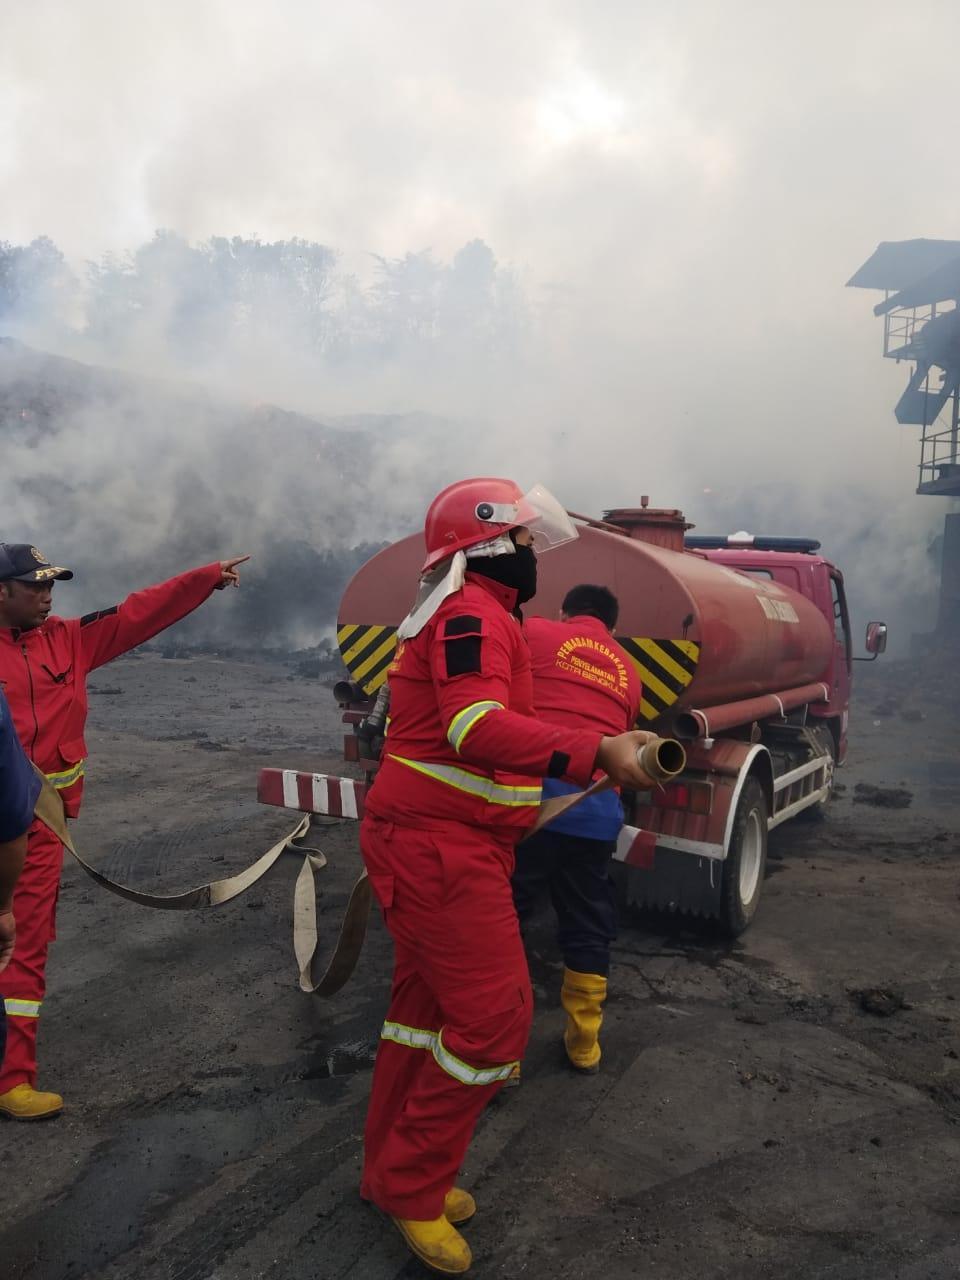 Pemadaman Manual Dilakukan, Alat Berat Masih Terkendala Di Beberapa Lokasi Kebakaran.